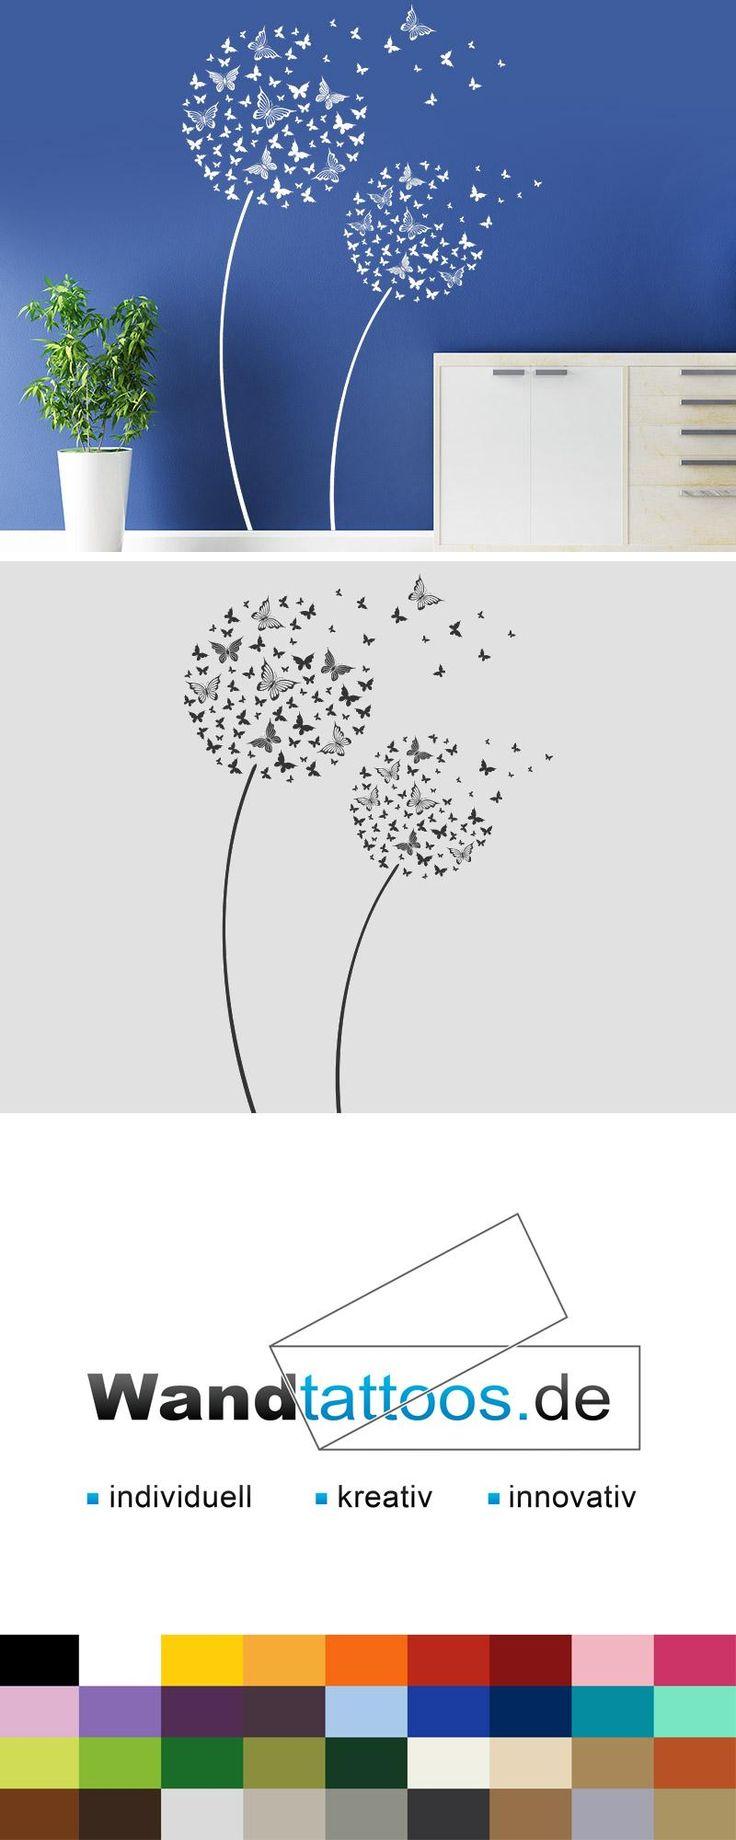 Wandtattoo Schmetterlingsblüten als Idee zur individuellen Wandgestaltung. Einfach Lieblingsfarbe und Größe auswählen. Weitere kreative Anregungen von Wandtattoos.de hier entdecken!